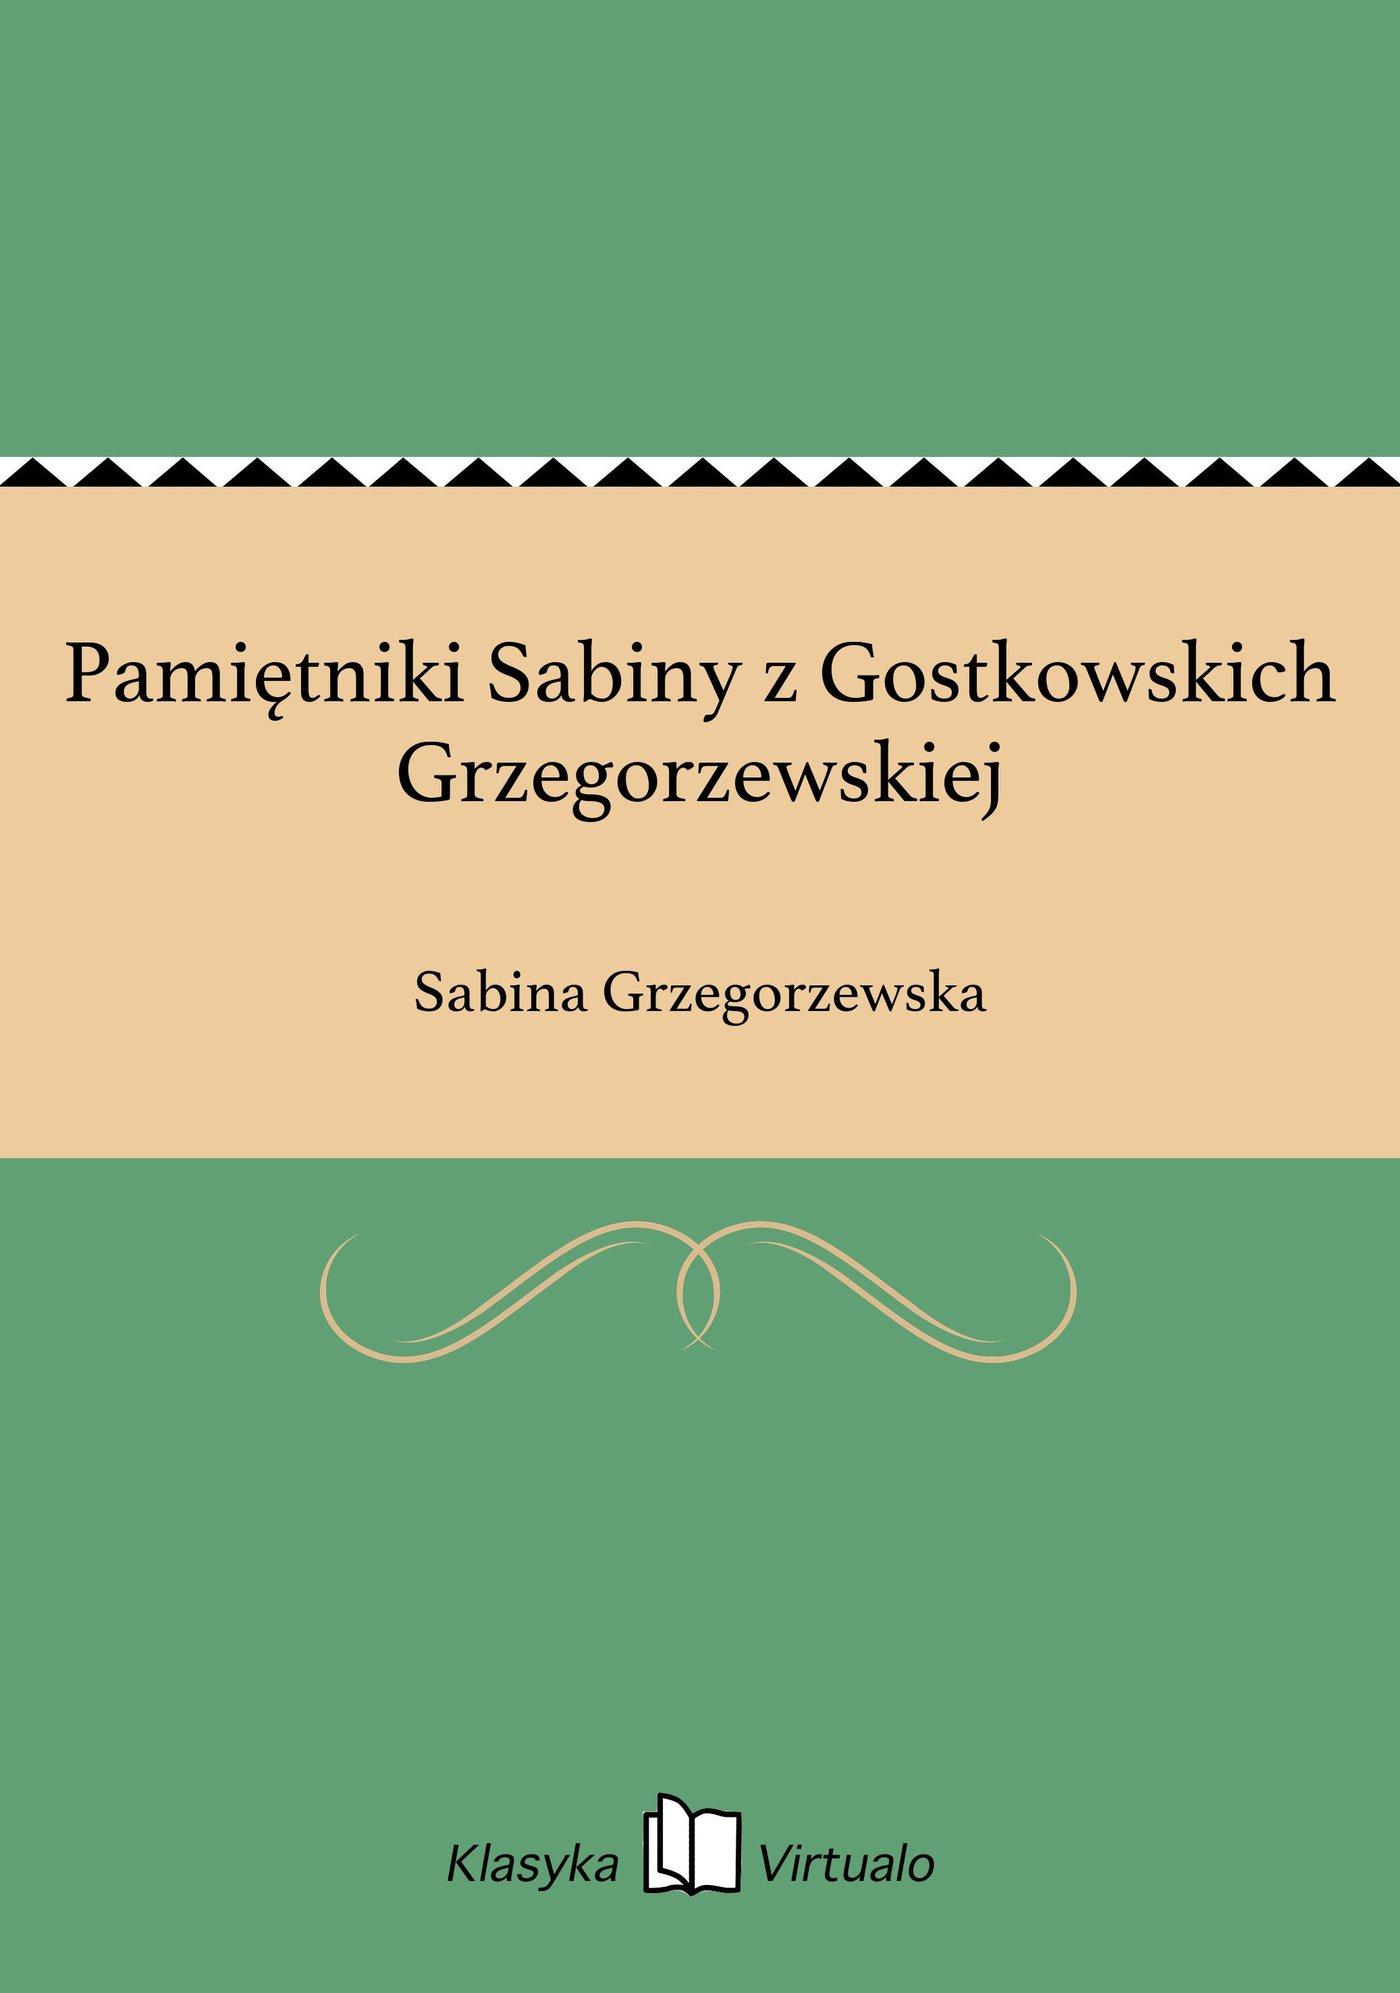 Pamiętniki Sabiny z Gostkowskich Grzegorzewskiej - Ebook (Książka na Kindle) do pobrania w formacie MOBI